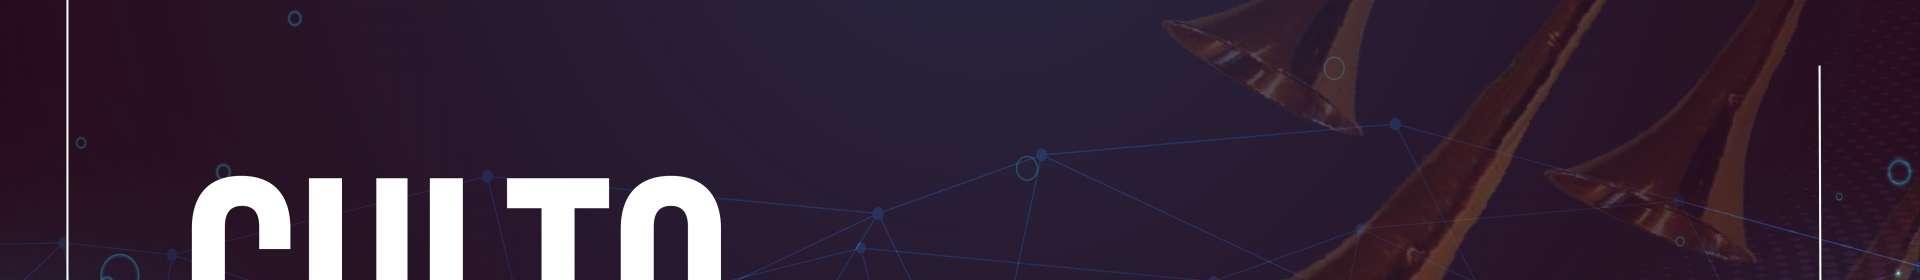 Culto via satélite exibido em 19/01/2020